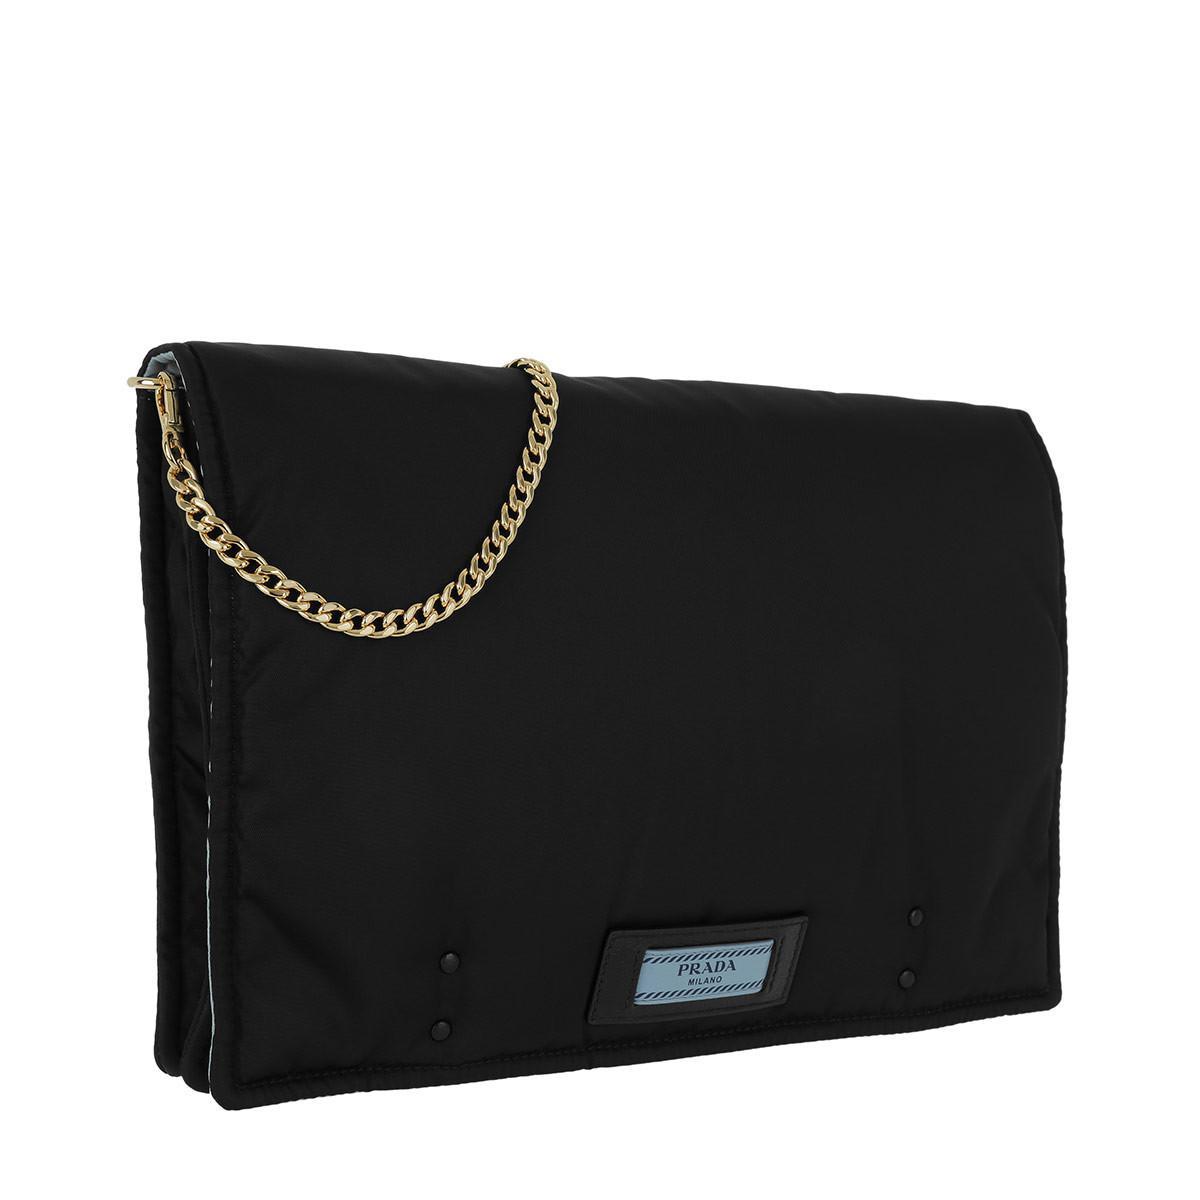 VIDA Leather Statement Clutch - Pochette darachnide by VIDA NtyE9K40h9